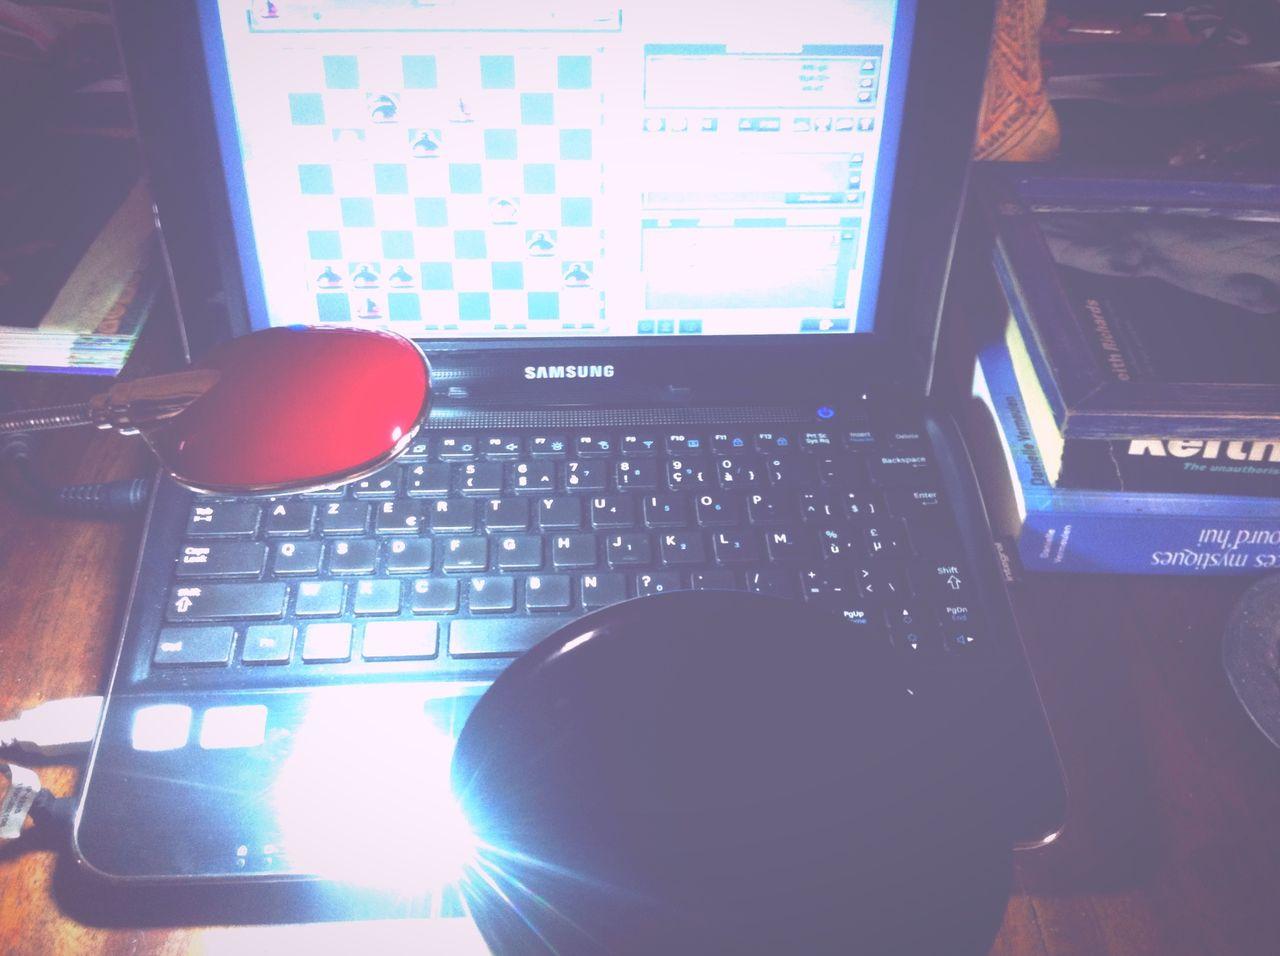 Coffee And Cigarettes My New Toy Venez Me Chercher Have You Seen The Bridge E4 reste plus qu'à trouver un appareil qui va avec le mois prochain ahah Personnal Crack